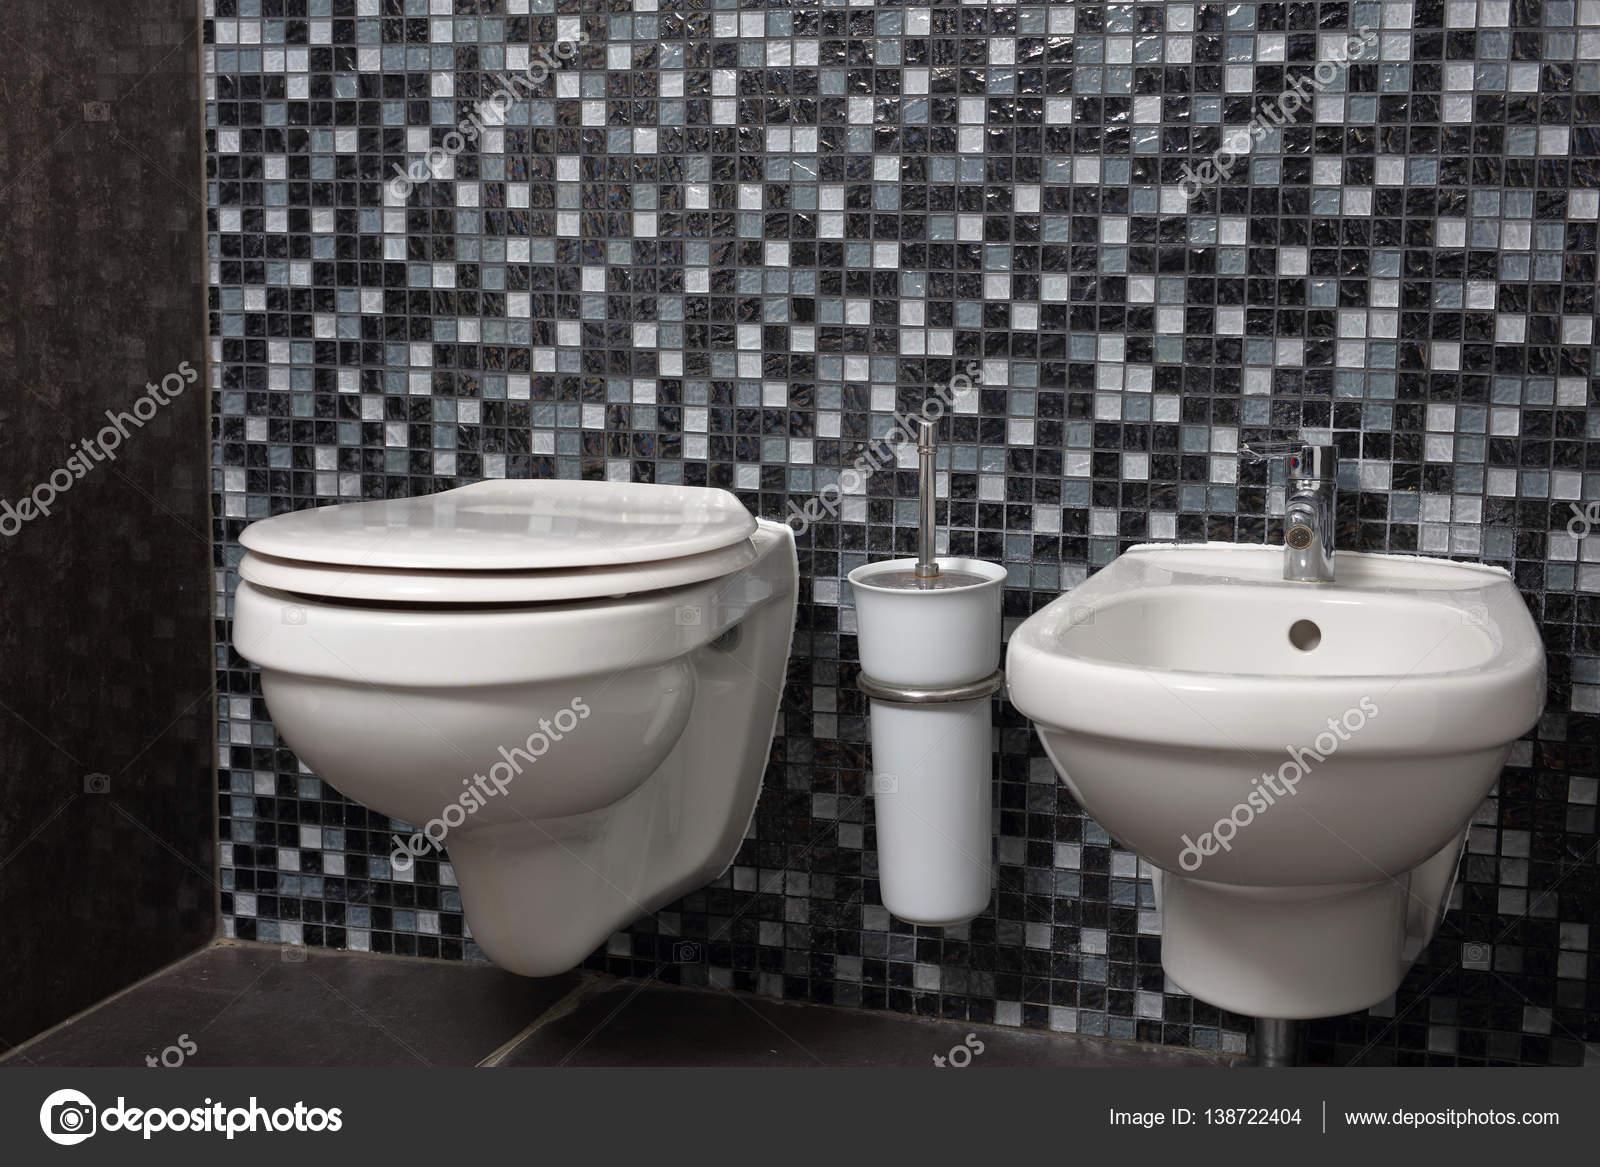 Bagno Con Mosaico Nero : Bagno in stile moderno minimalista con mosaico nero u foto stock